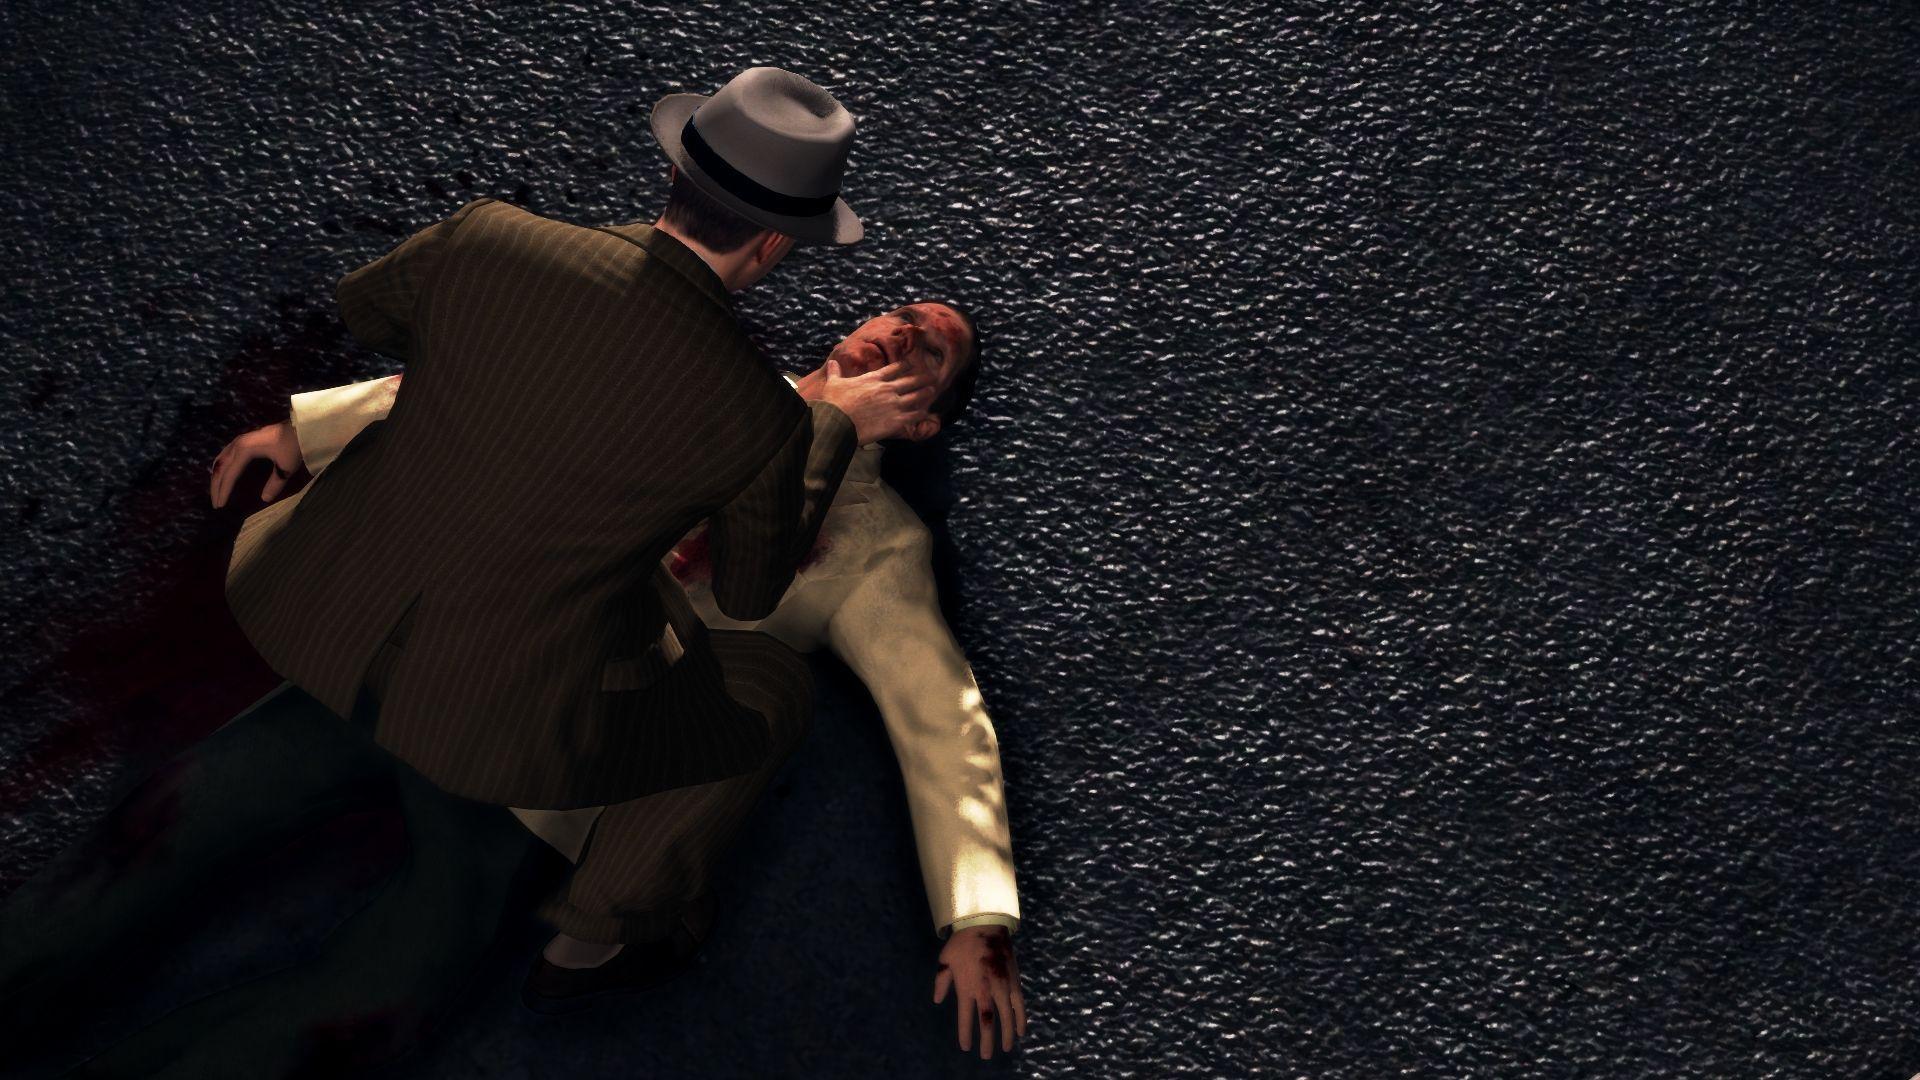 První obrázky z PC verze L.A. Noire 52699